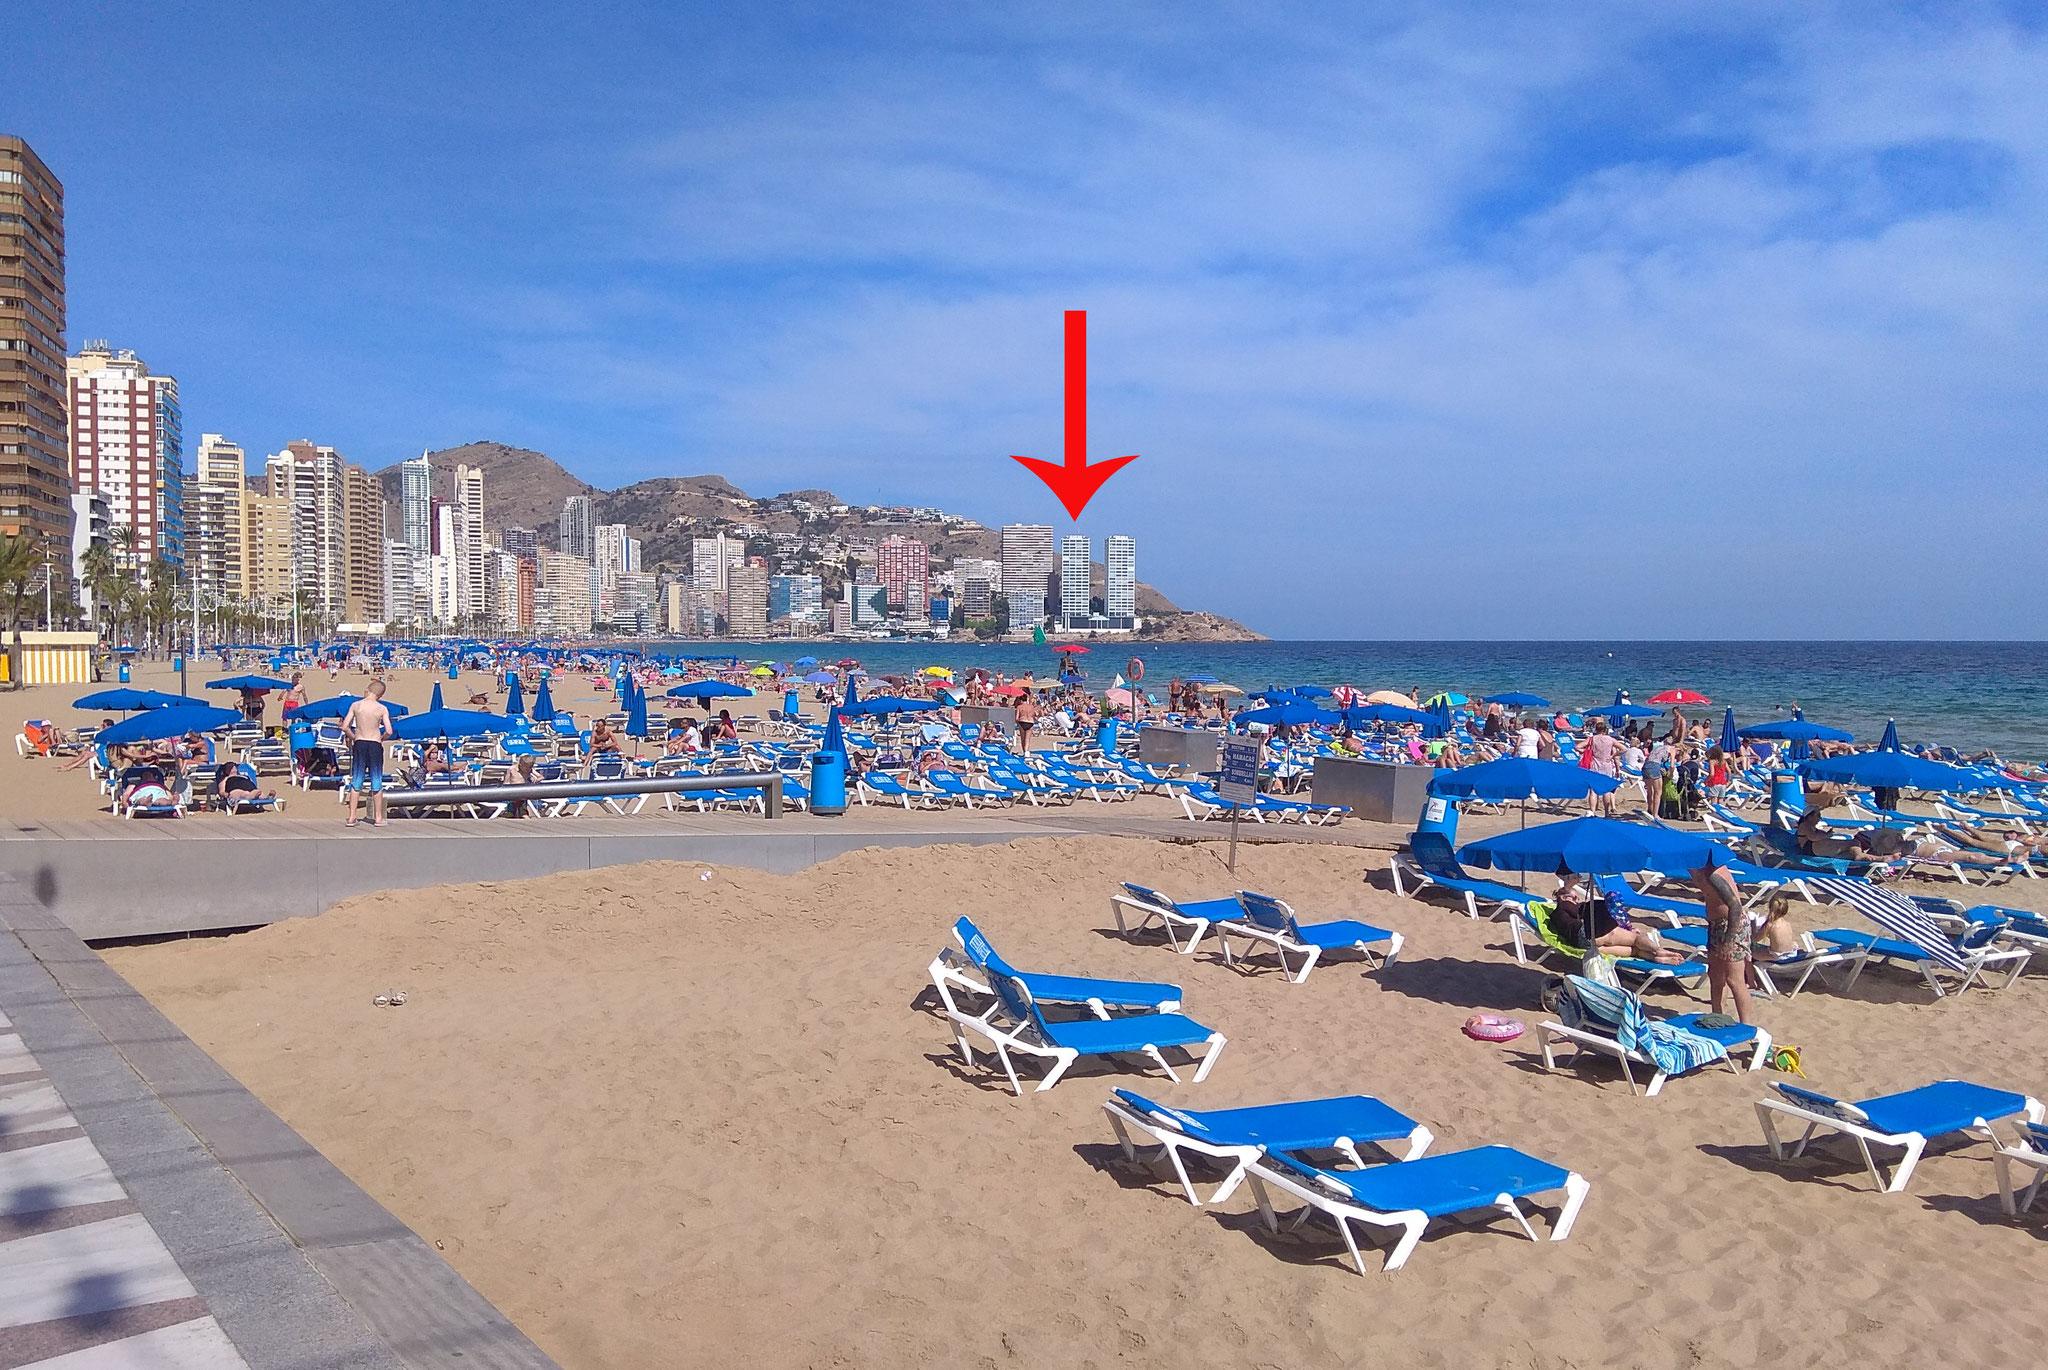 Пляж Леванте - ближайший песчаный. Отмечен нужный дом